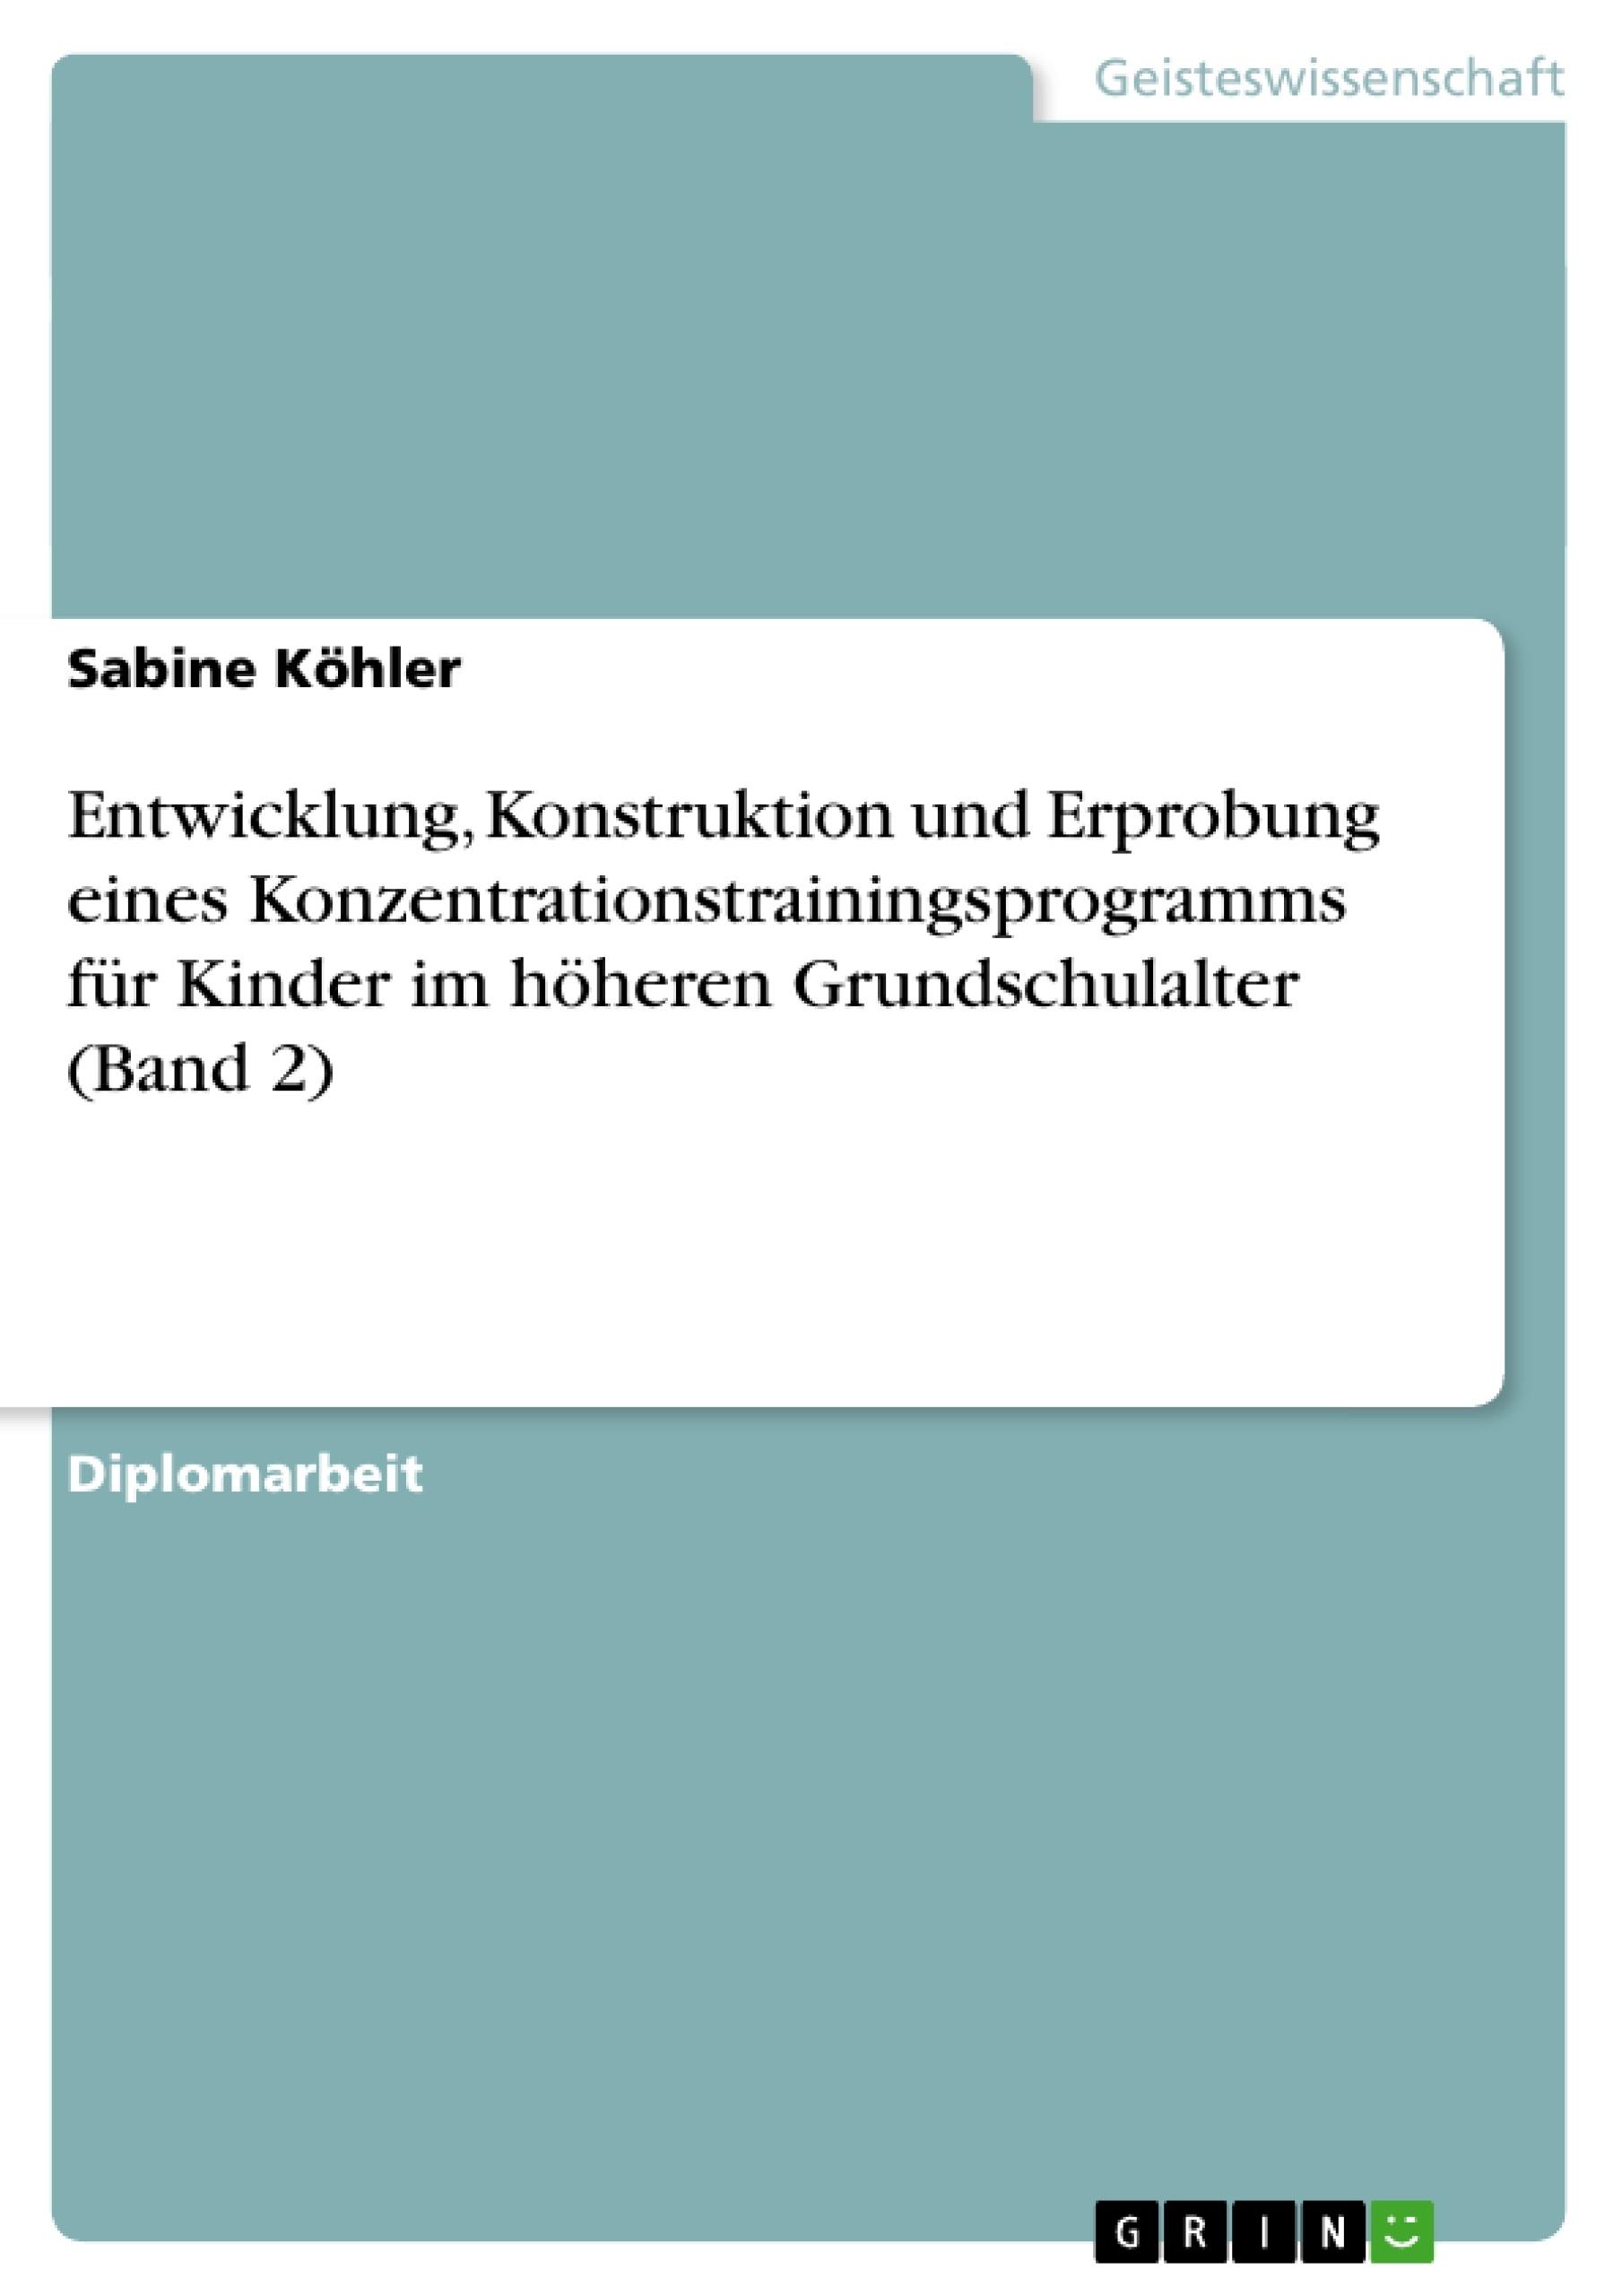 Titel: Entwicklung, Konstruktion und Erprobung eines Konzentrationstrainingsprogramms für Kinder im höheren Grundschulalter (Band 2)